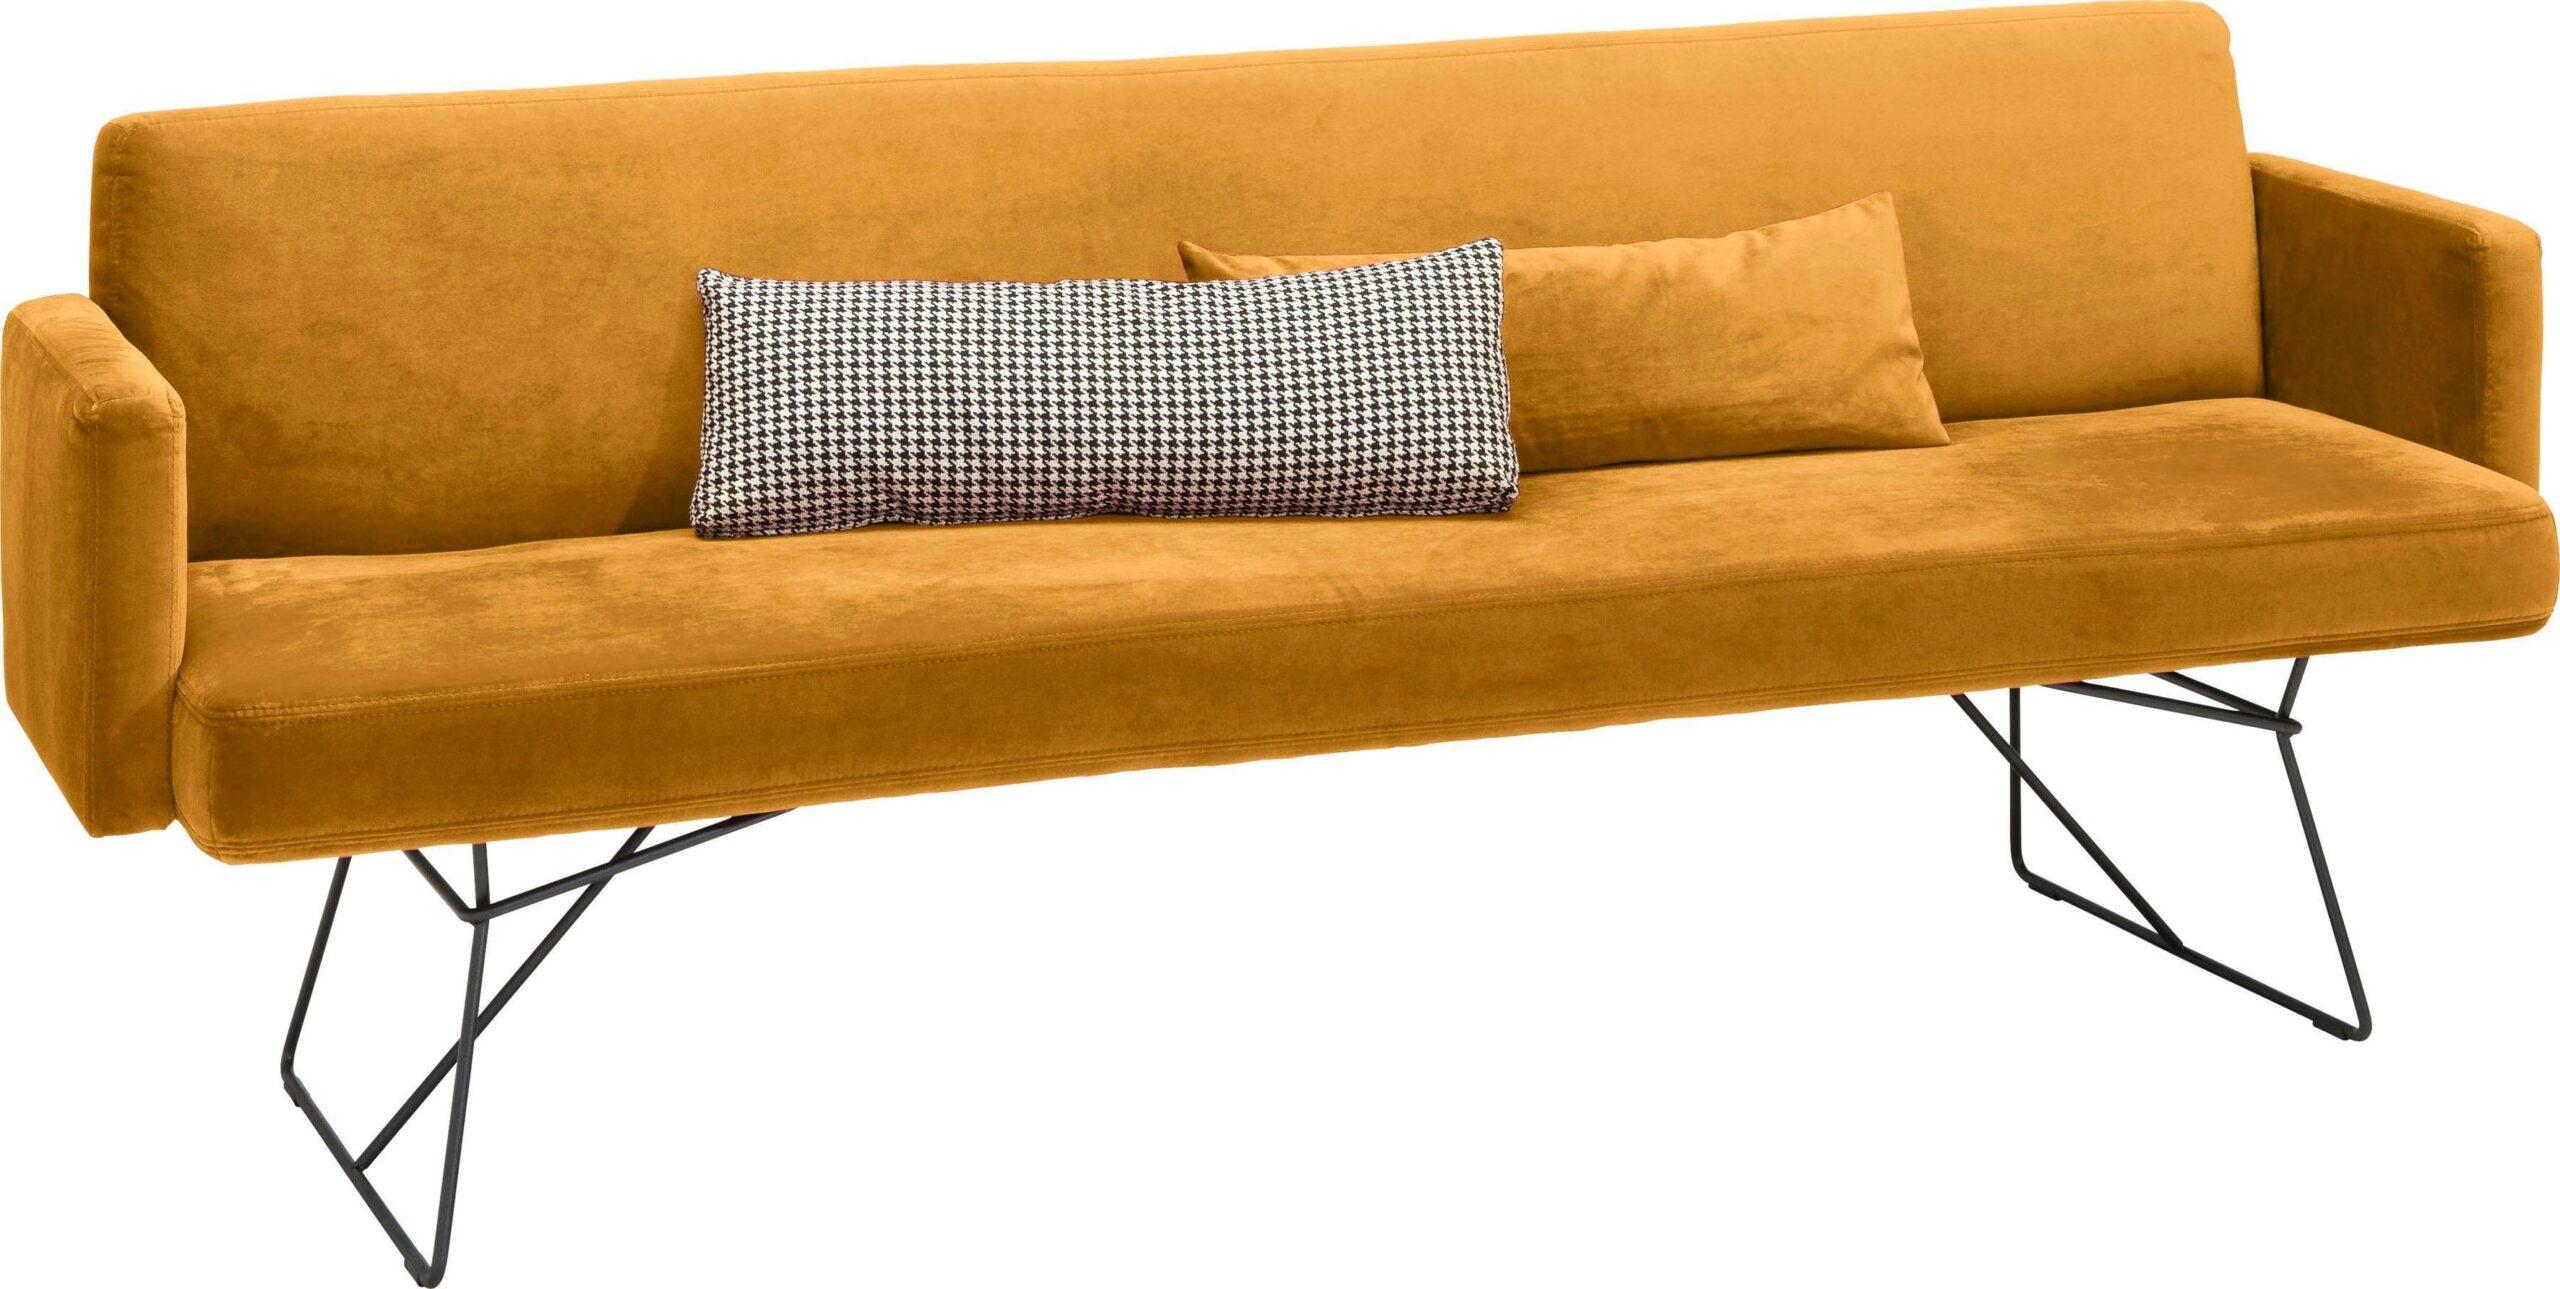 Full Size of Musterring Einfache Sitzbnke Online Kaufen Mbel Suchmaschine Teppich Für Küche Ikea Tapete Modern Landhausküche Grau Einbauküche Was Kostet Eine Neue Wohnzimmer Polsterbank Küche